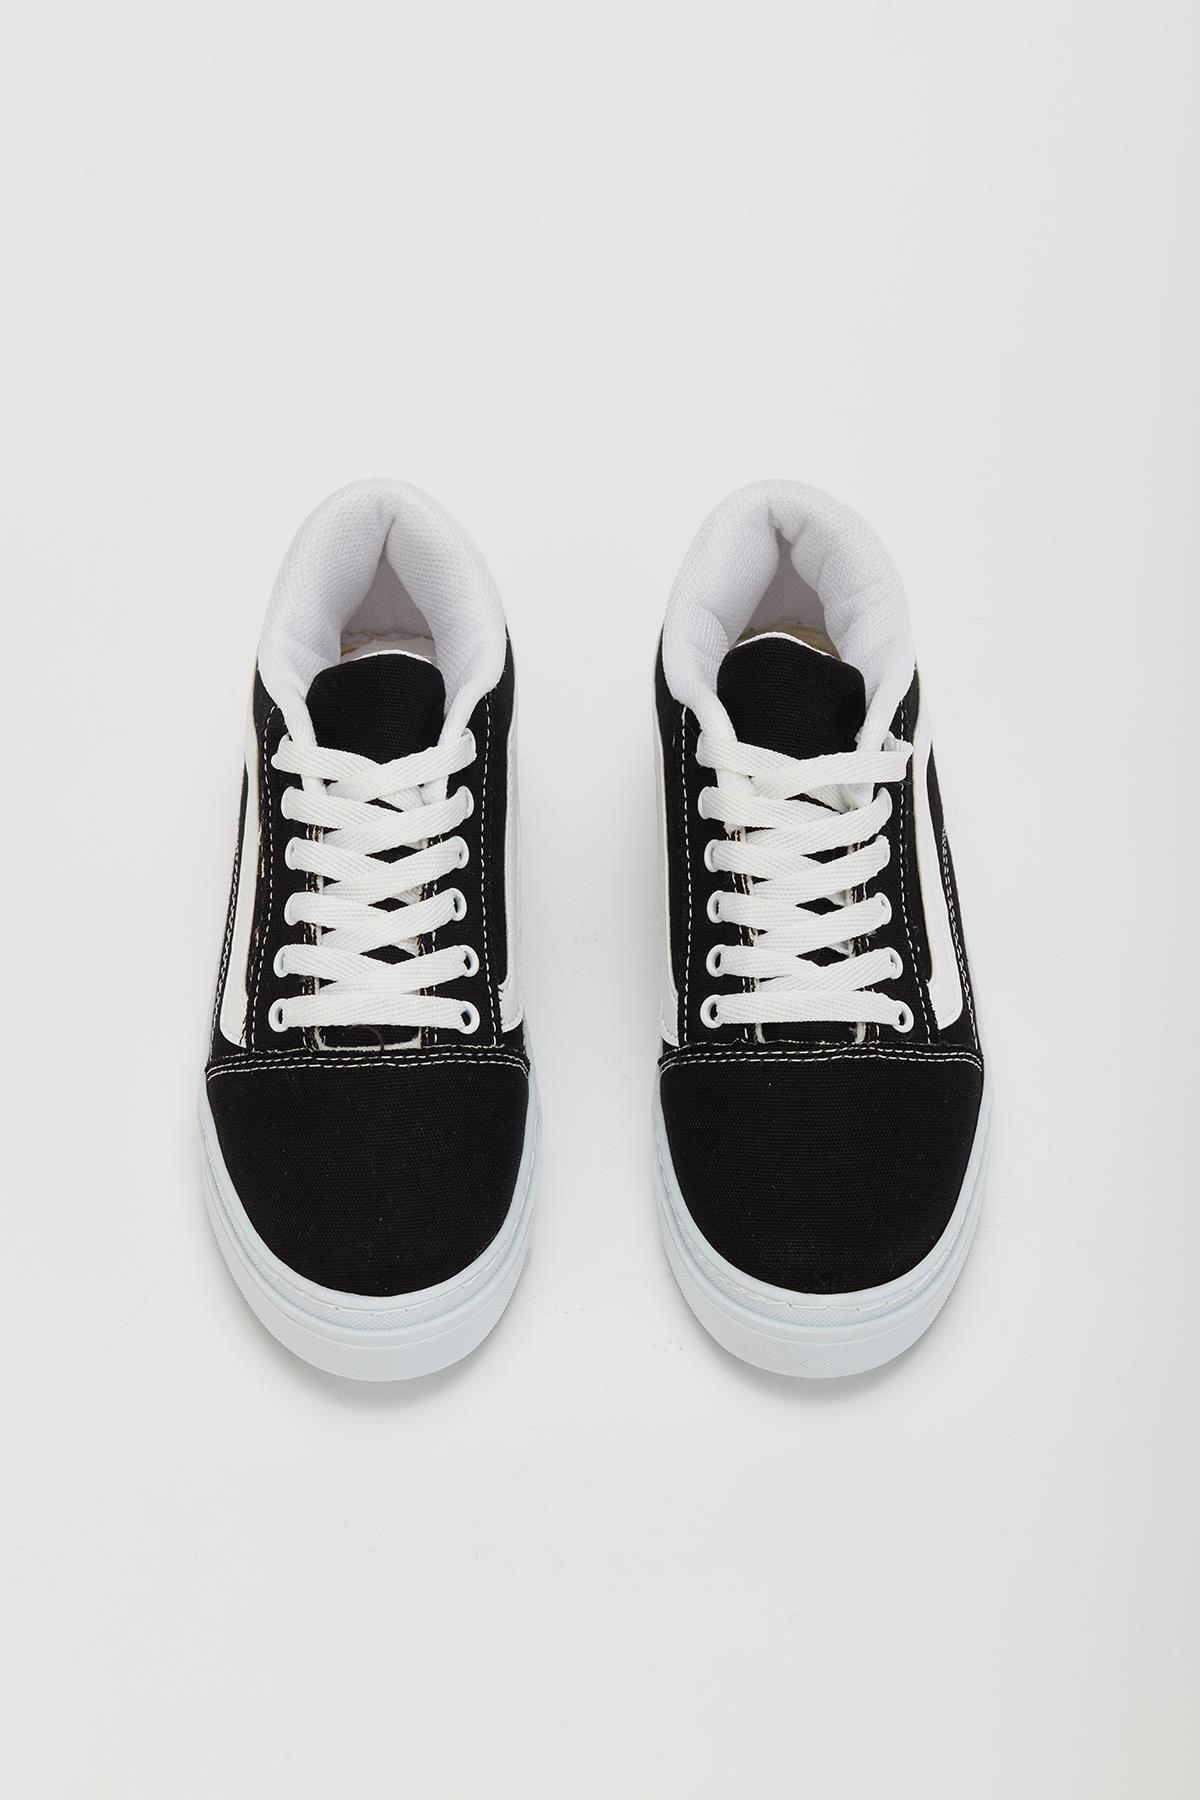 MUGGO Crs36 Unisex Sneaker Ayakkabı 2